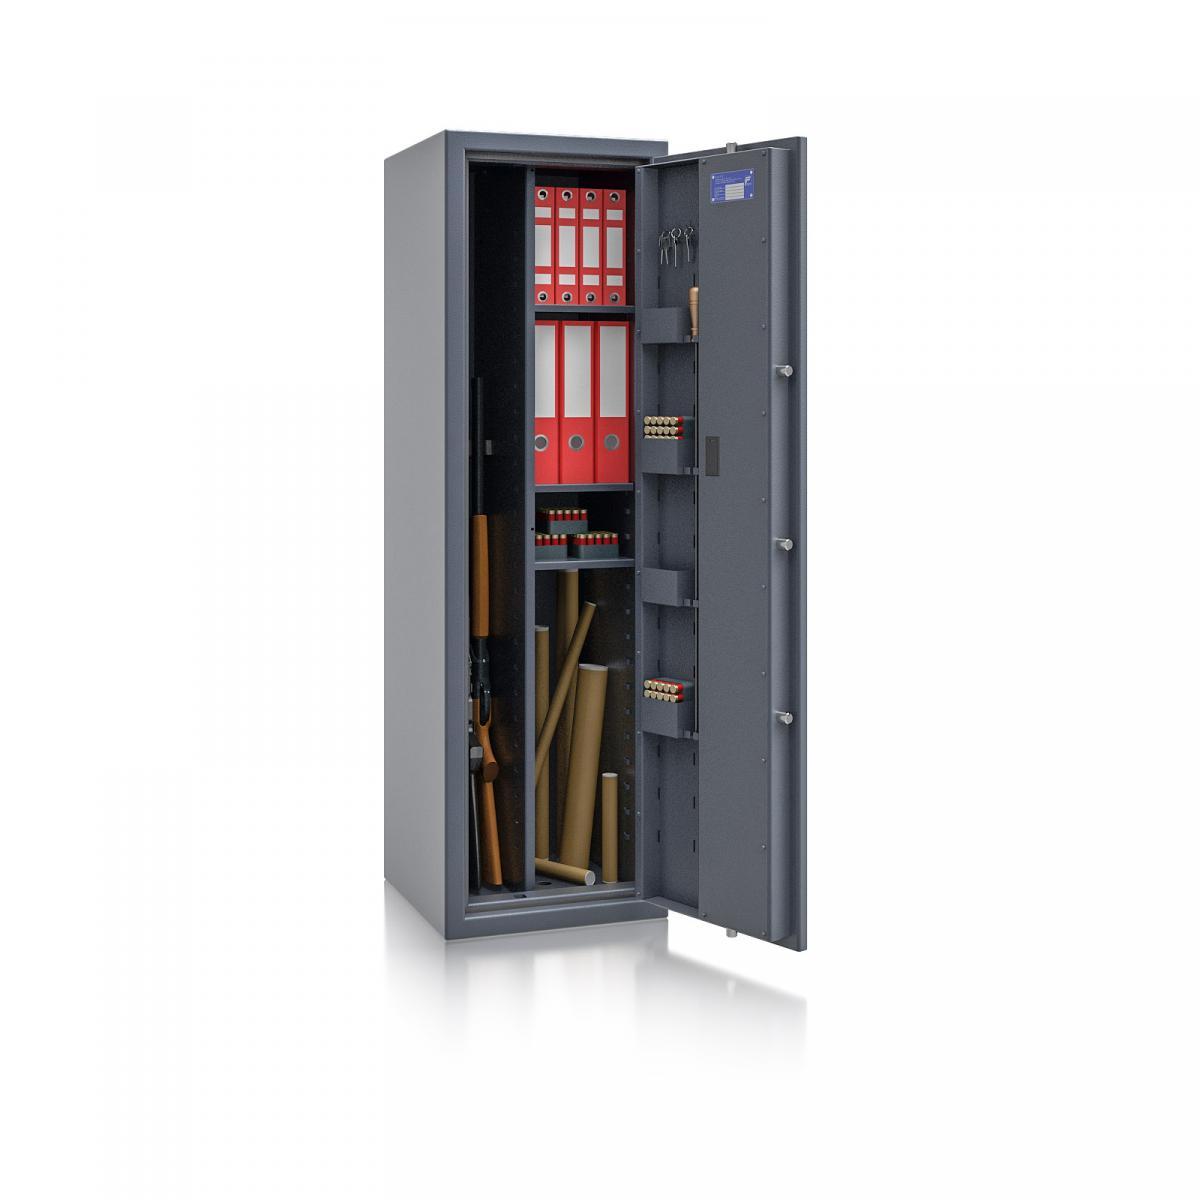 Waffenschrank Luzern WF MAX Kombi 1 - 1500x450x450 / 167kg 55649 / Klasse 0 / RAL7024 / Elektr. Basic / DIN R / mit Trennw.